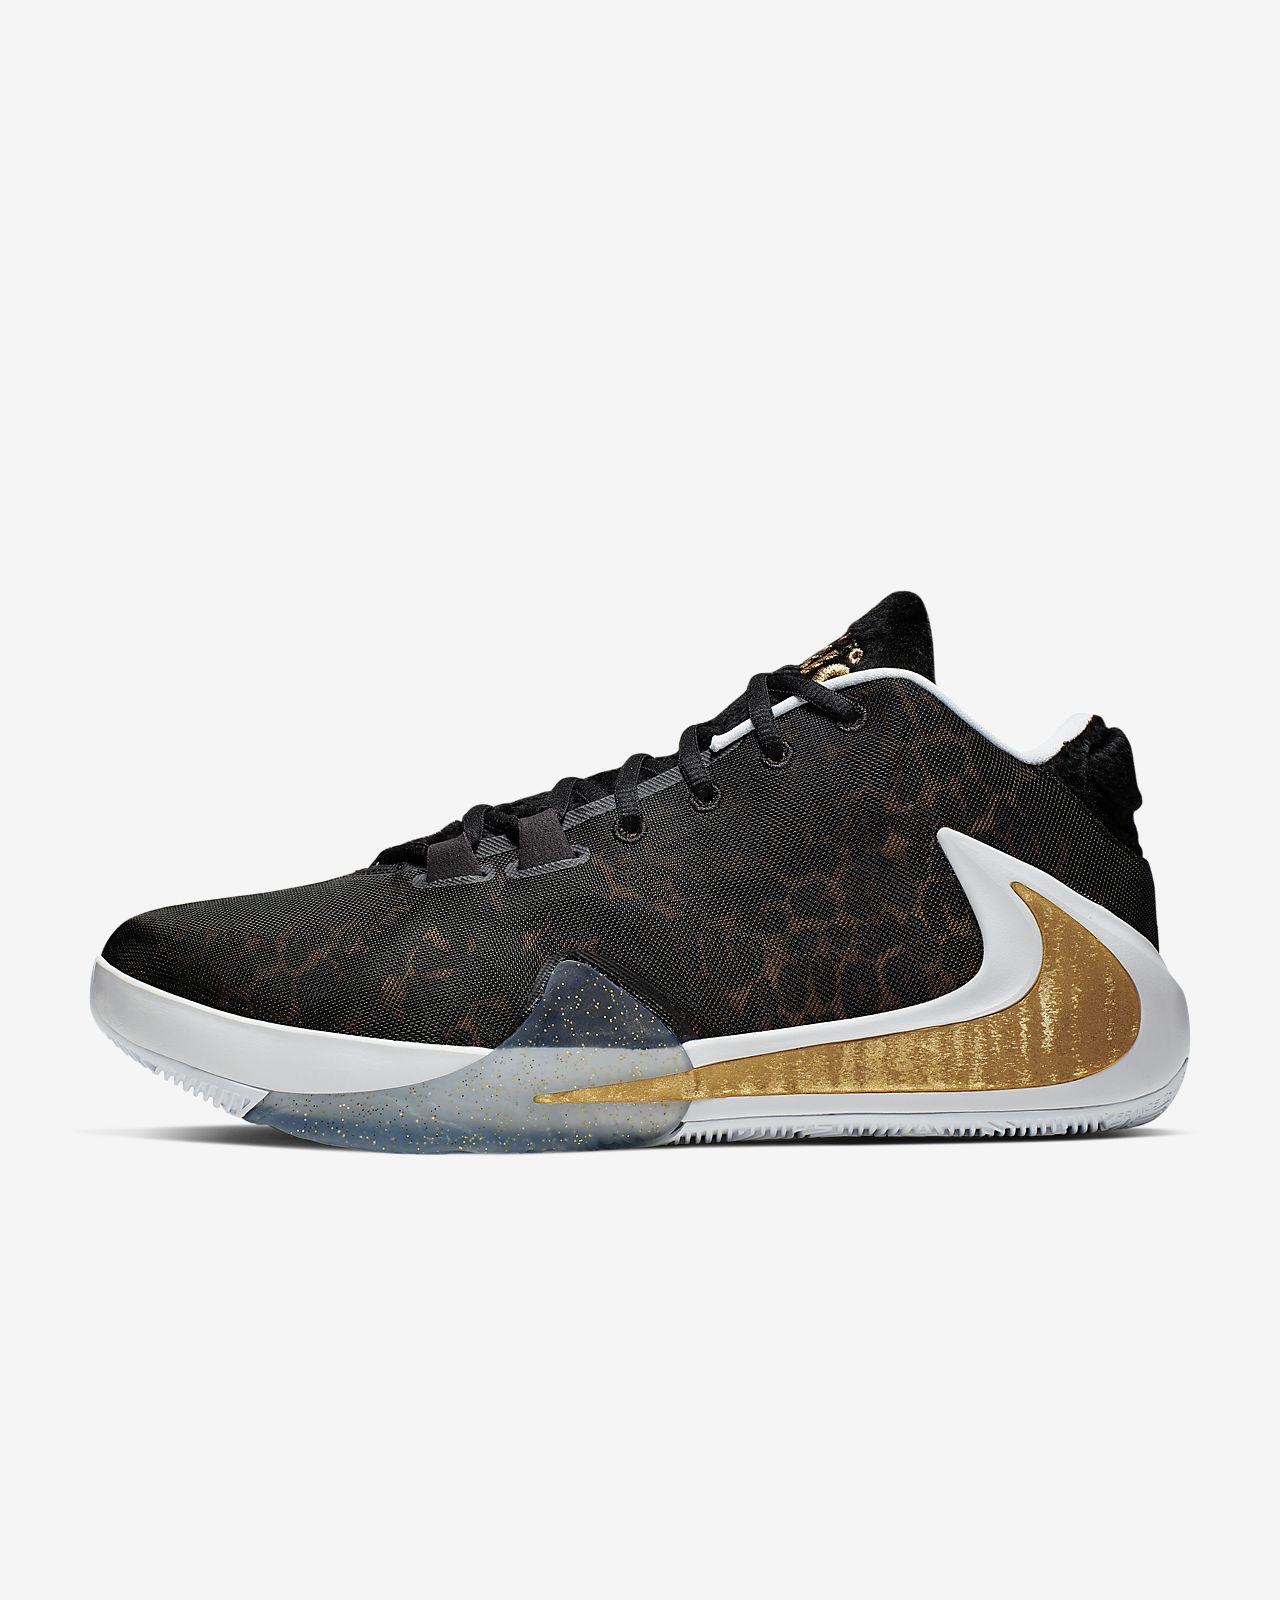 Zoom Freak 1 'Coming to America' Zapatillas de baloncesto